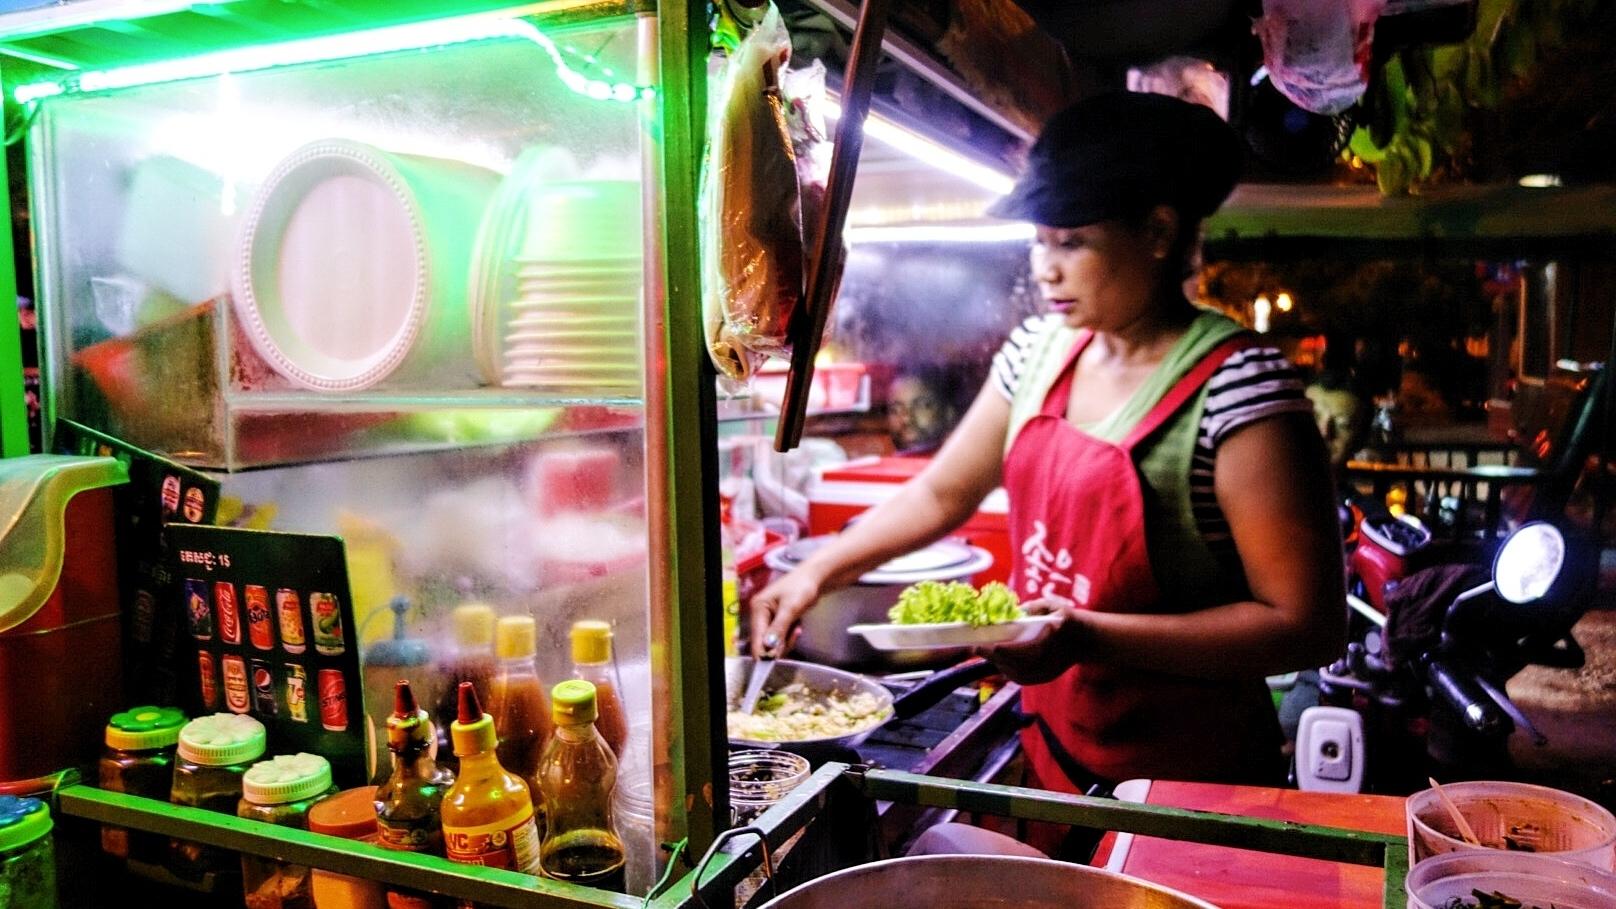 Pub Street - Street Food Carts